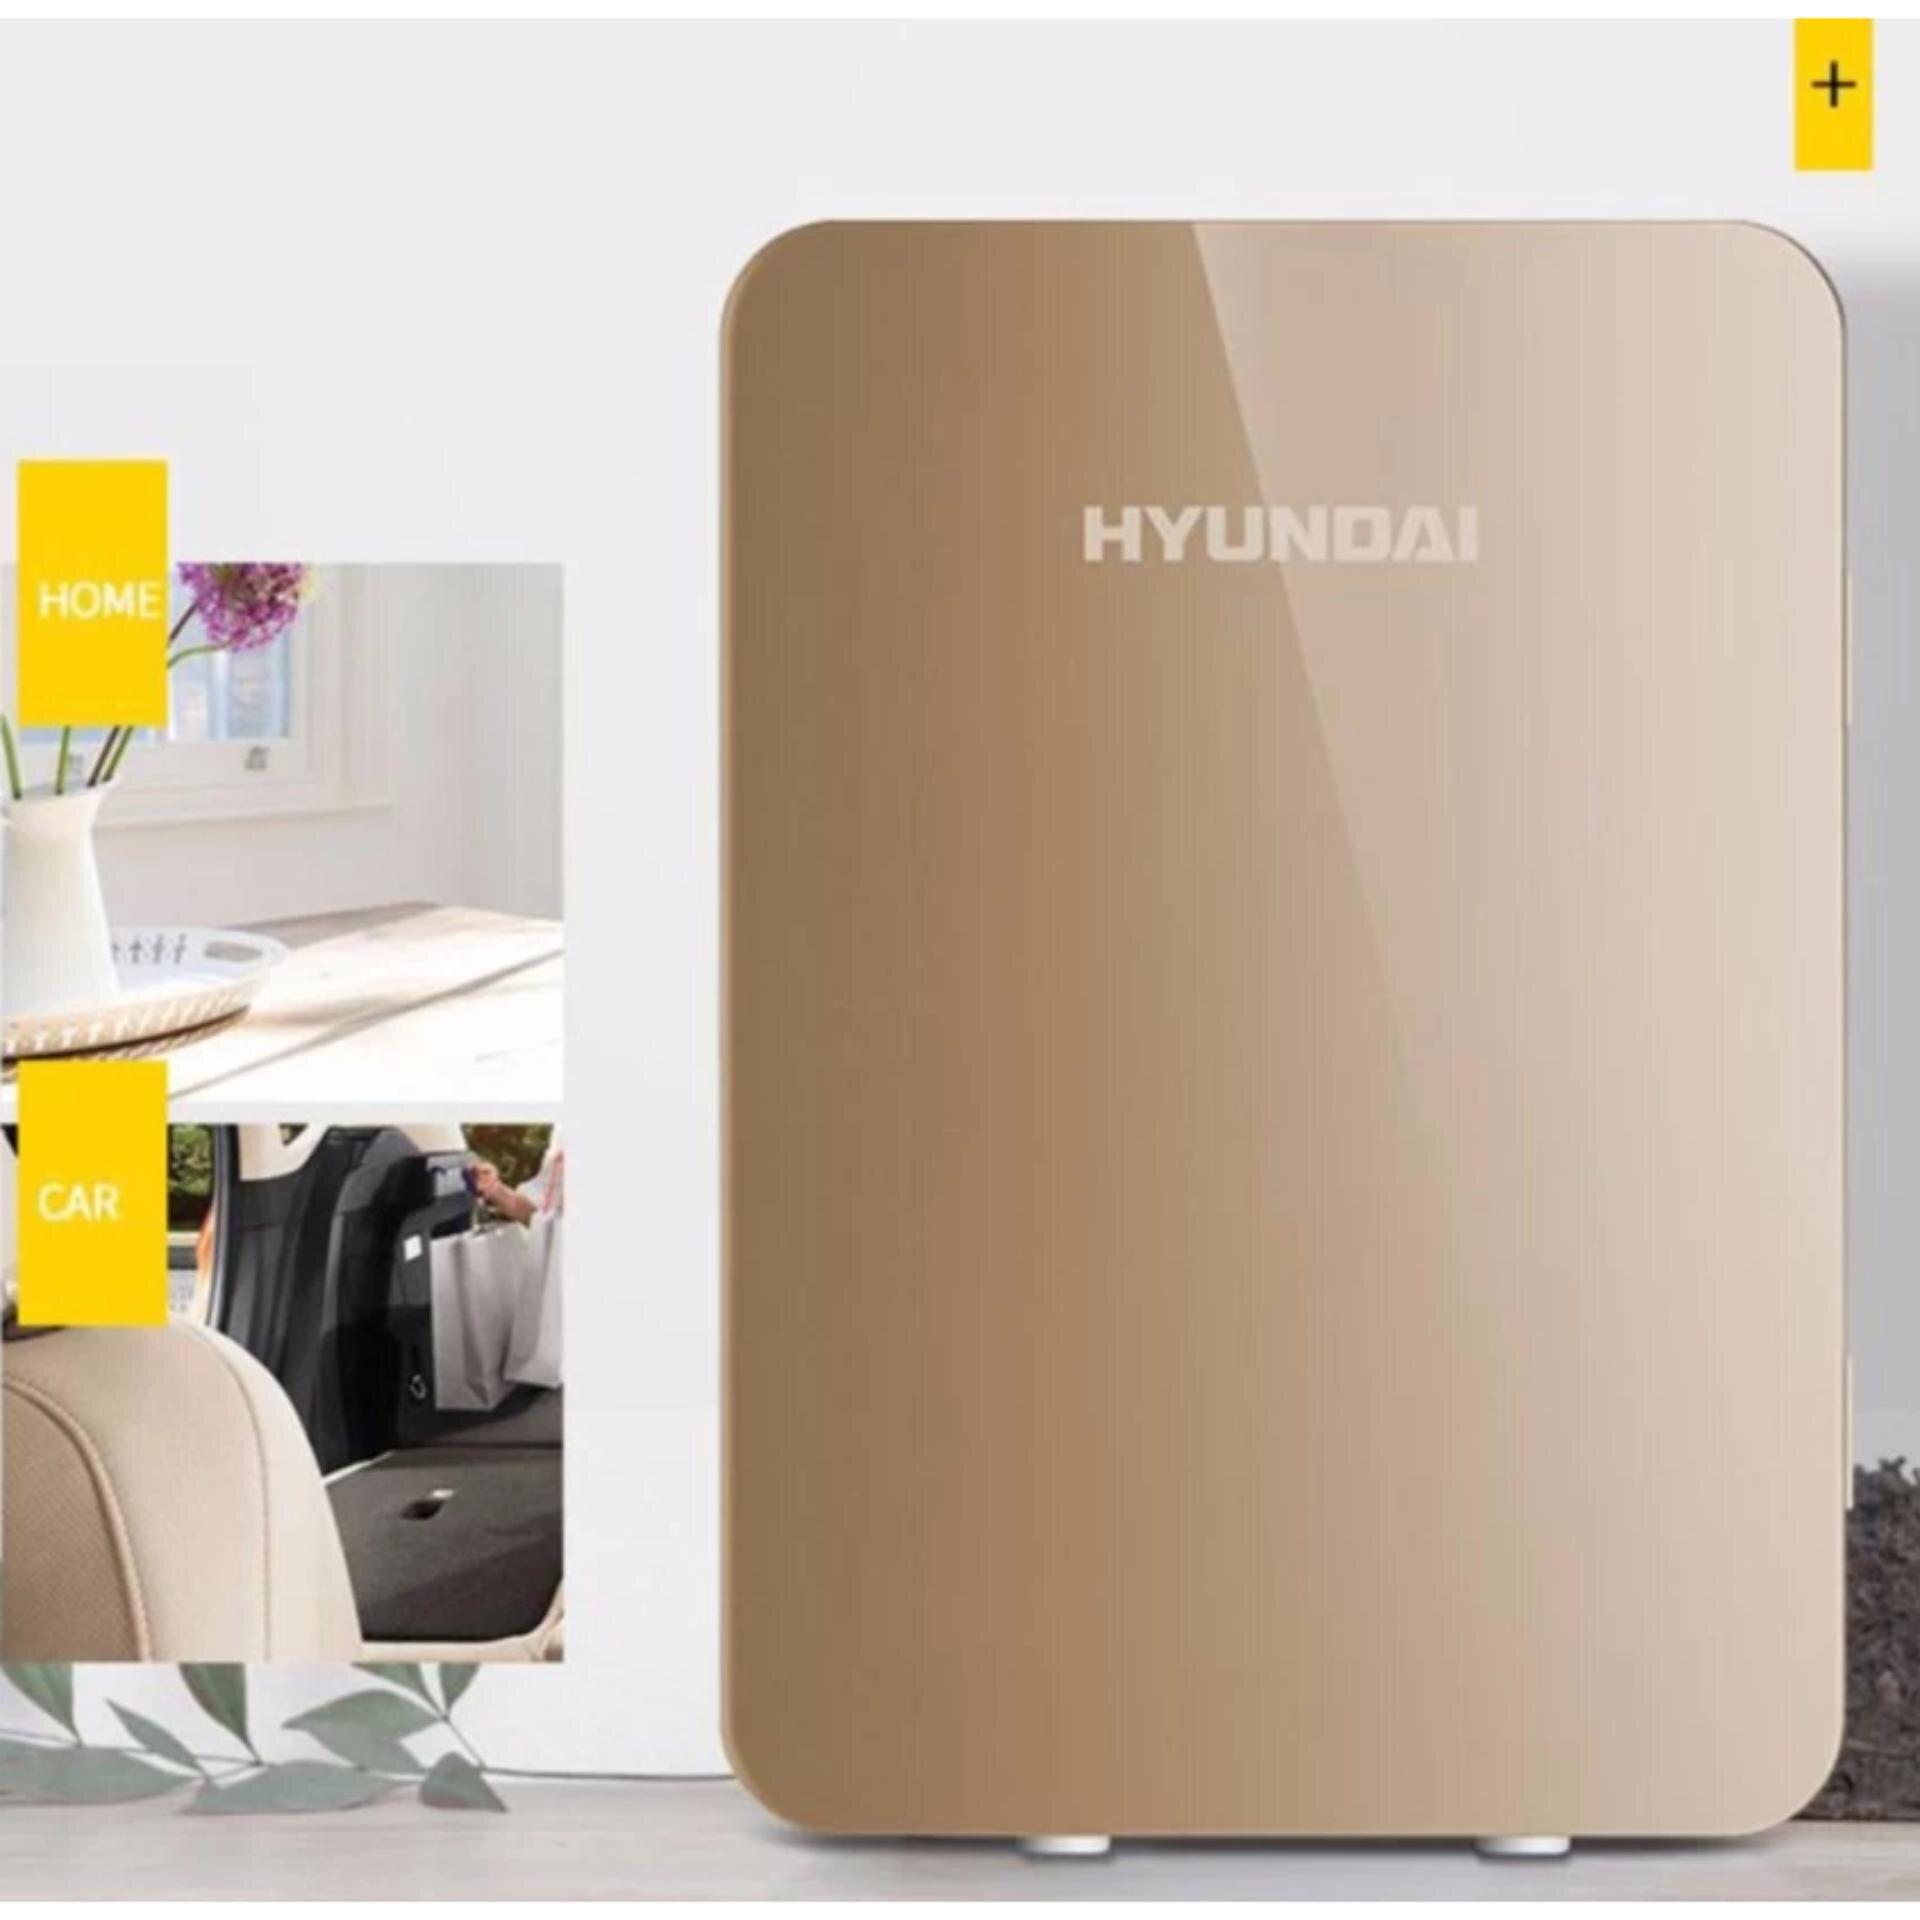 Tủ lạnh mini Hyundai có dung tích 6l.